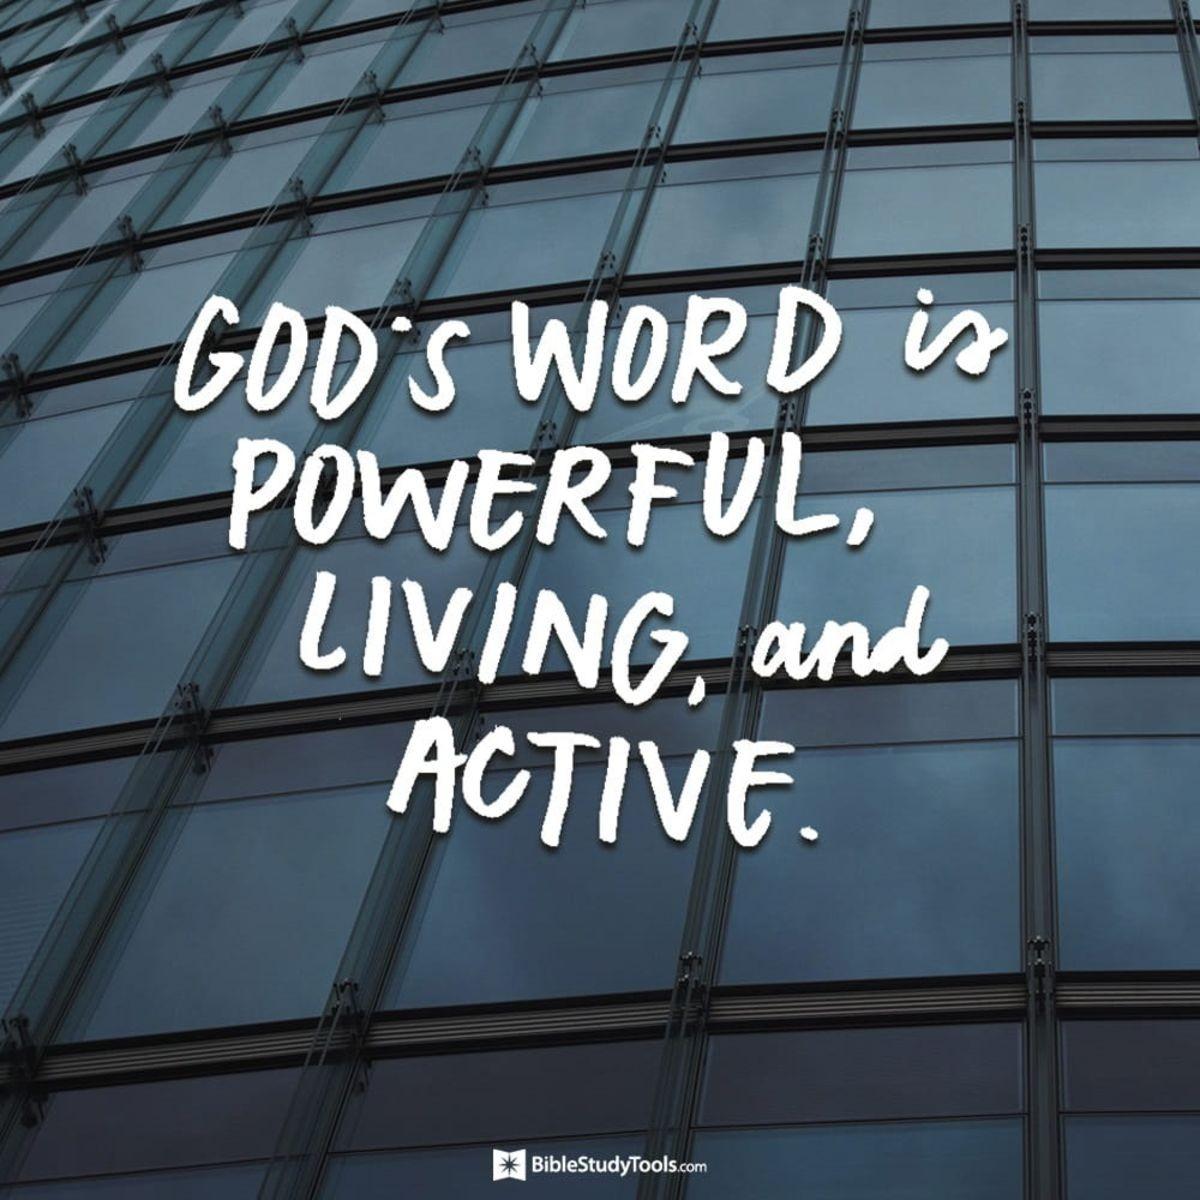 Your Daily Verse - Hebrews 4:12